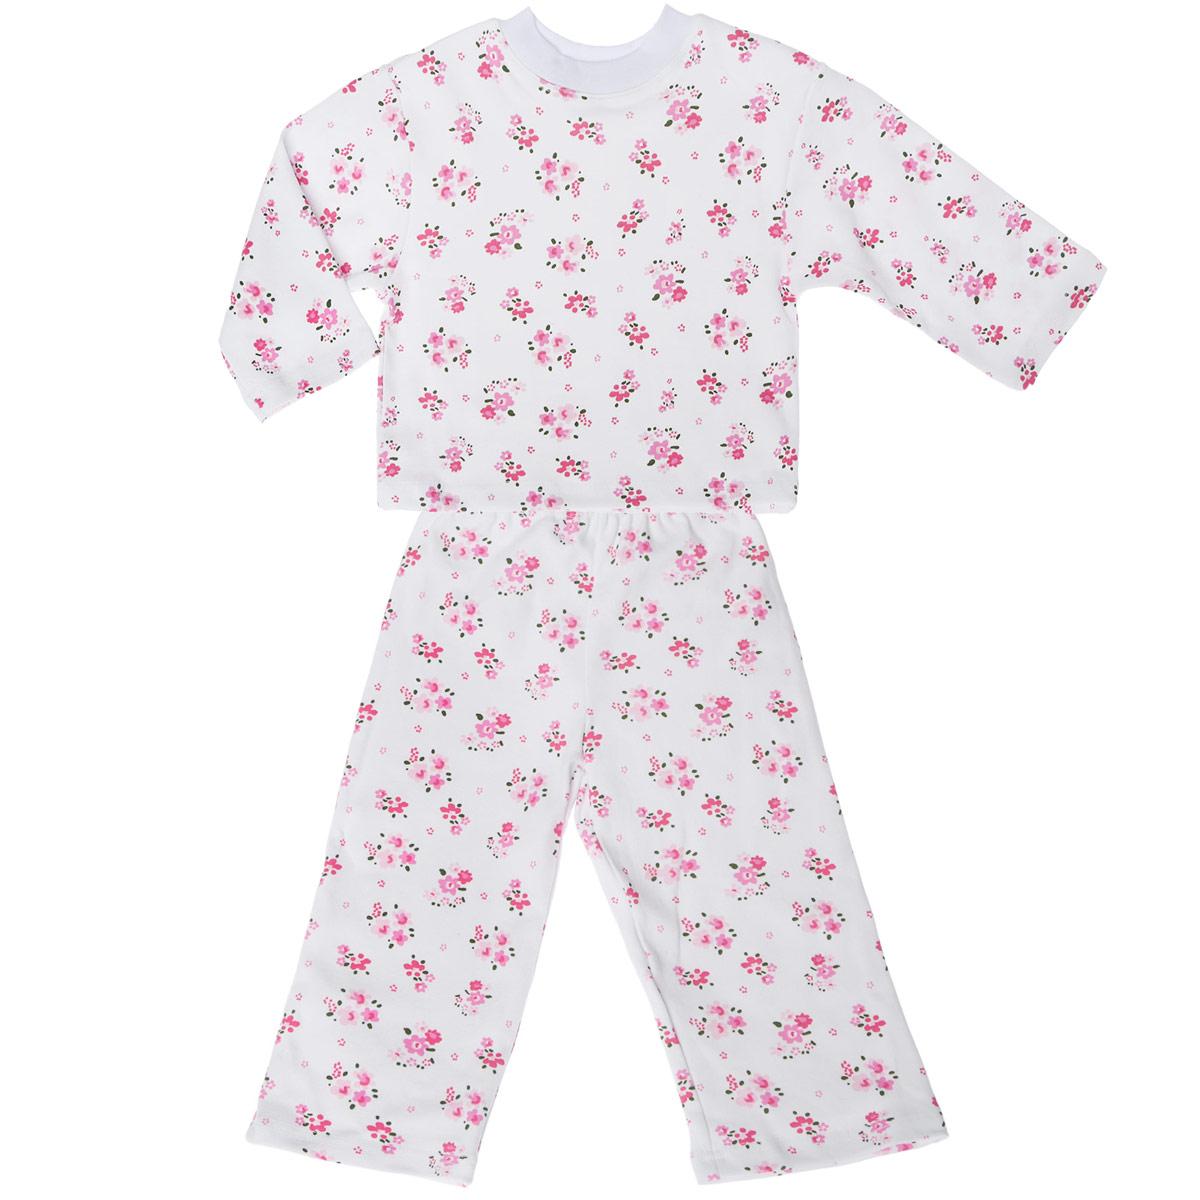 Пижама для девочки Трон-плюс, цвет: белый, розовый. 5584_цветы. Размер 122/128, 7-10 лет5584_цветыУютная пижама для девочки Трон-плюс, состоящая из джемпера и брюк, идеально подойдет вашей дочурке и станет отличным дополнением к детскому гардеробу. Изготовленная из натурального хлопка, она необычайно мягкая и легкая, не сковывает движения, позволяет коже дышать и не раздражает даже самую нежную и чувствительную кожу ребенка. Джемпер с длинными рукавами и круглым вырезом горловины оформлен ненавязчивым цветочным принтом. Вырез горловины дополнен трикотажной эластичной резинкой.Брюки на талии имеют эластичную резинку, благодаря чему не сдавливают живот ребенка и не сползают. Оформлены брючки также ненавязчивым цветочным принтом. В такой пижаме ваш ребенок будет чувствовать себя комфортно и уютно во время сна.